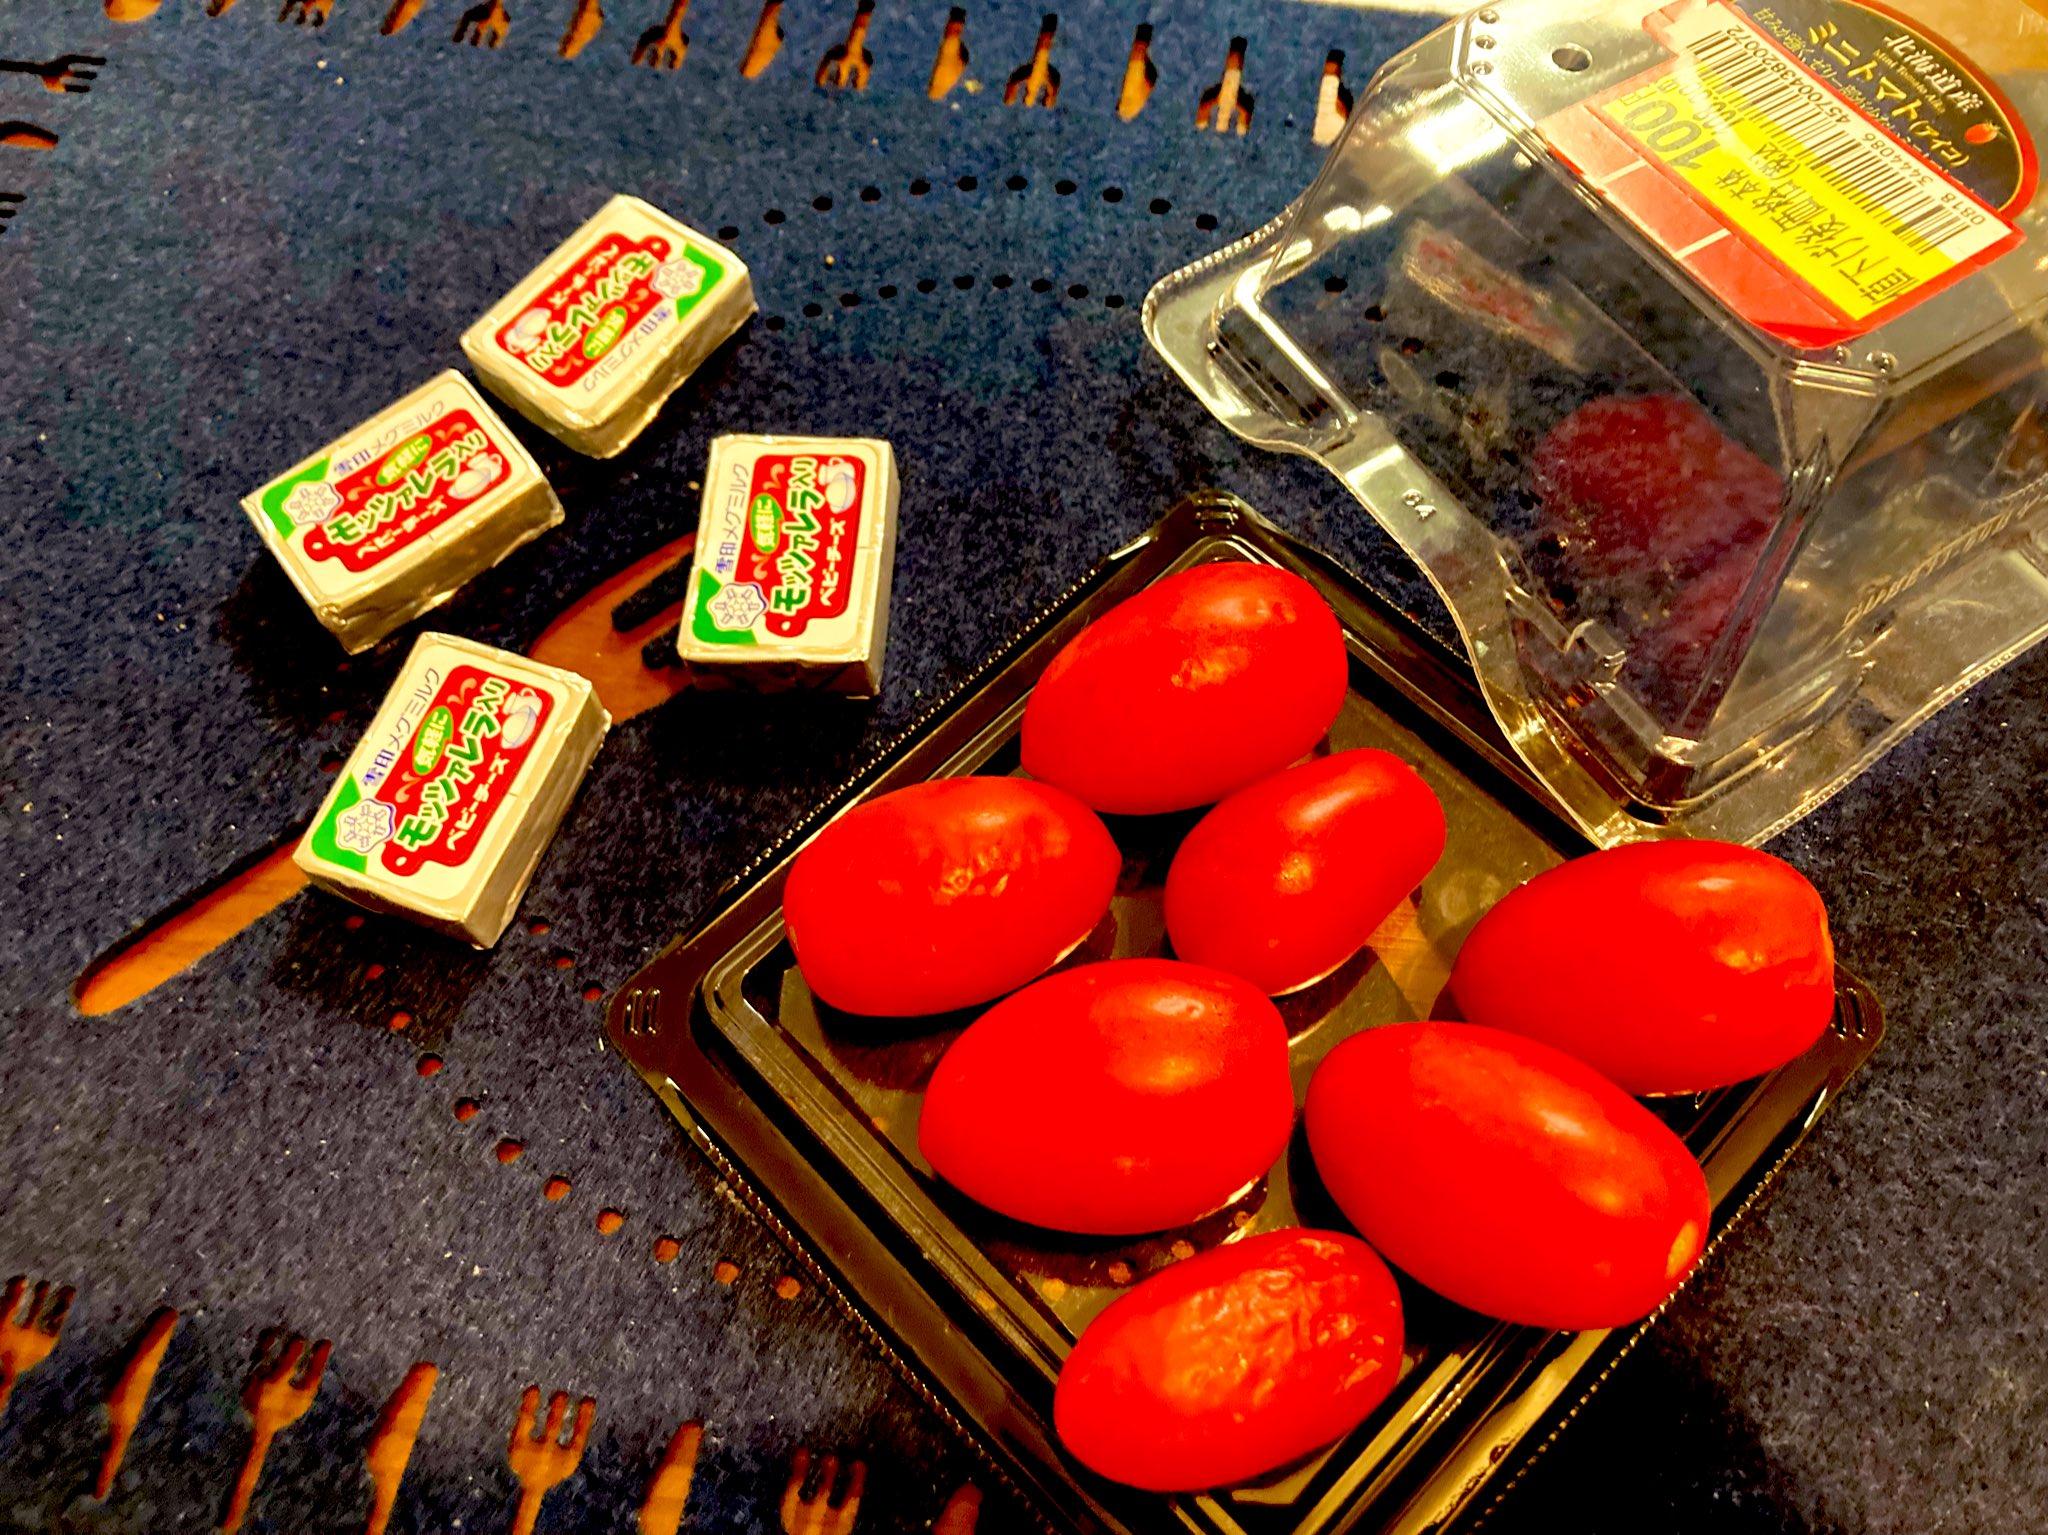 100円チーズと100円ミニトマト